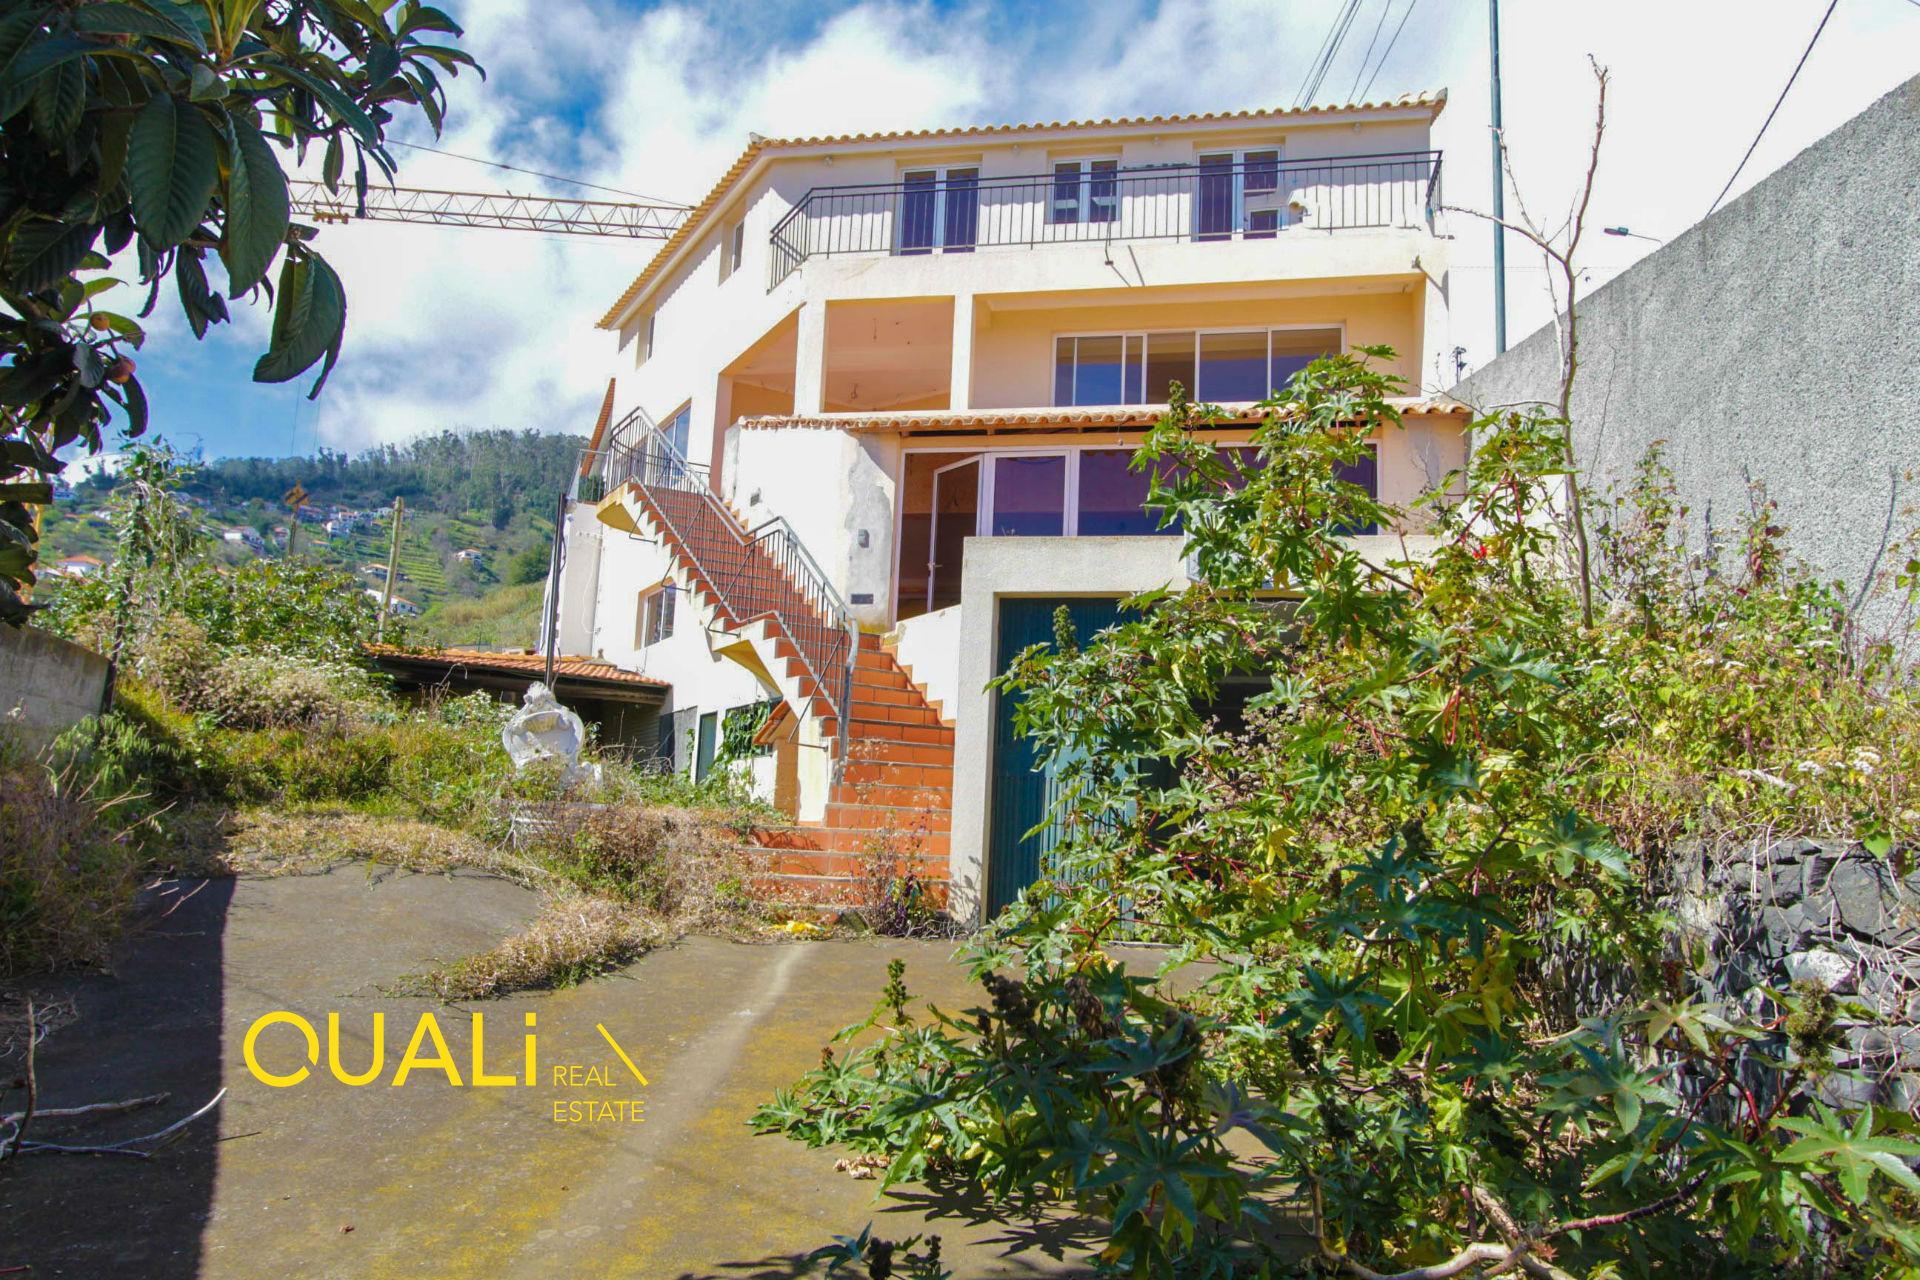 Moradia T3 à Venda em Santo António - Funchal - Ilha da Madeira. €217.000,00€